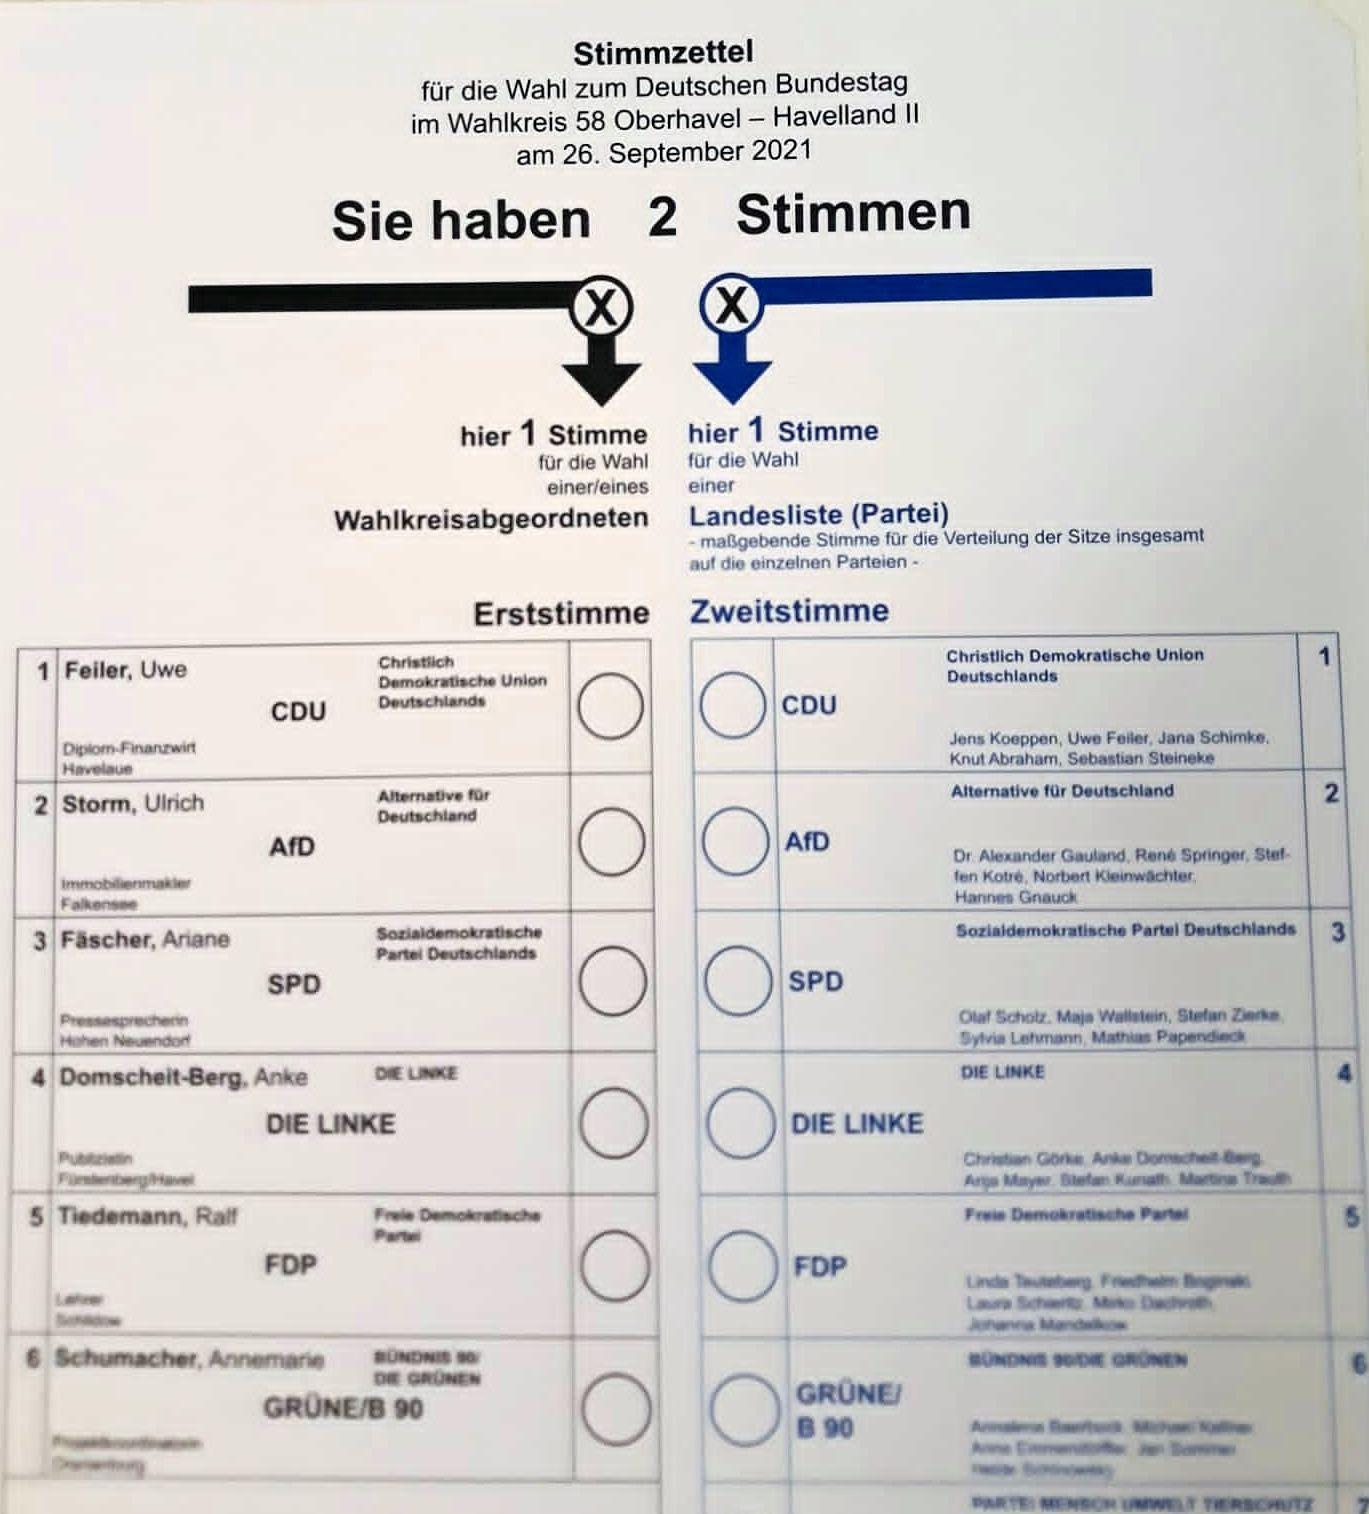 Stimmzettel BTW 2021